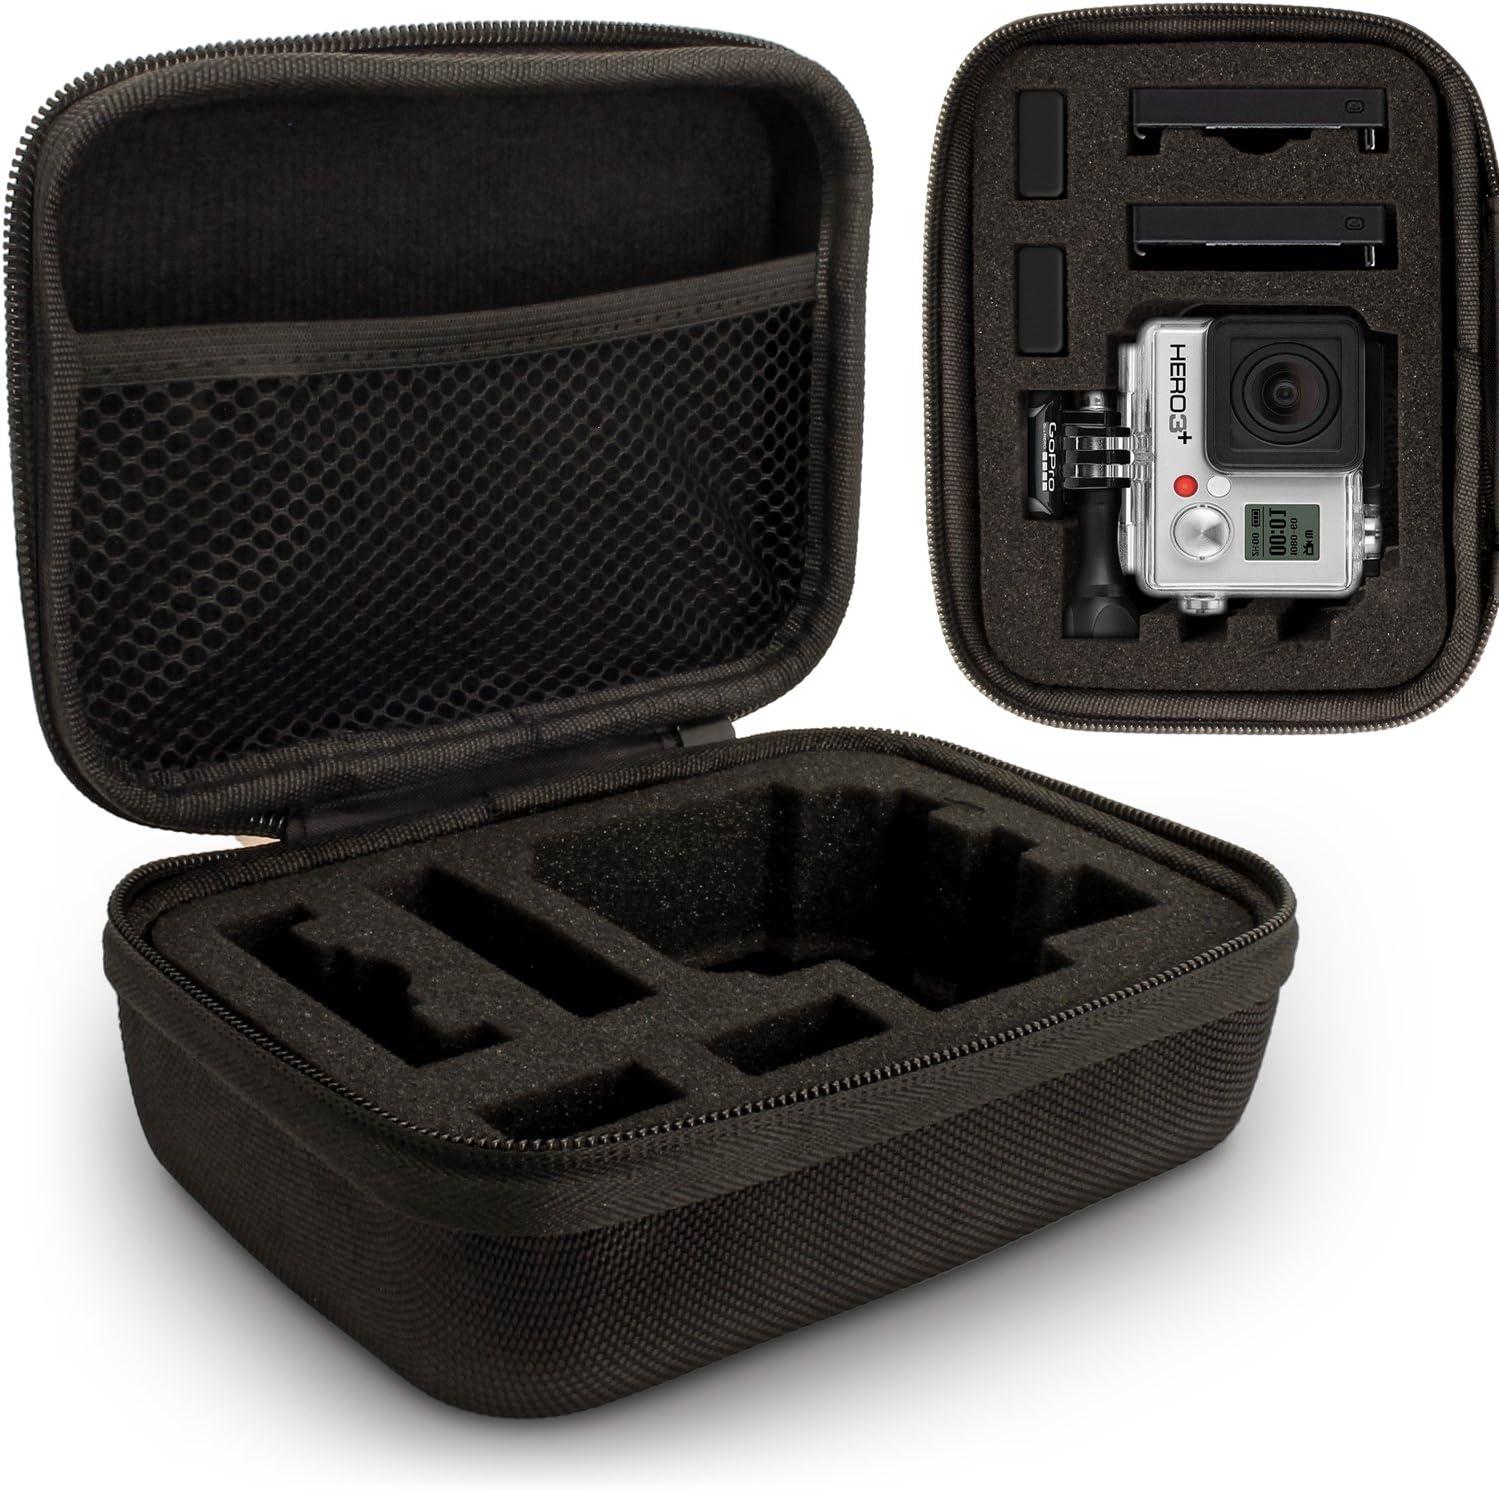 Optix Pro U6315 Small Chica Carcasa EVA Rígida Compatible con GoPro Hero1 a Hero5 Cáms -Negro: Amazon.es: Electrónica